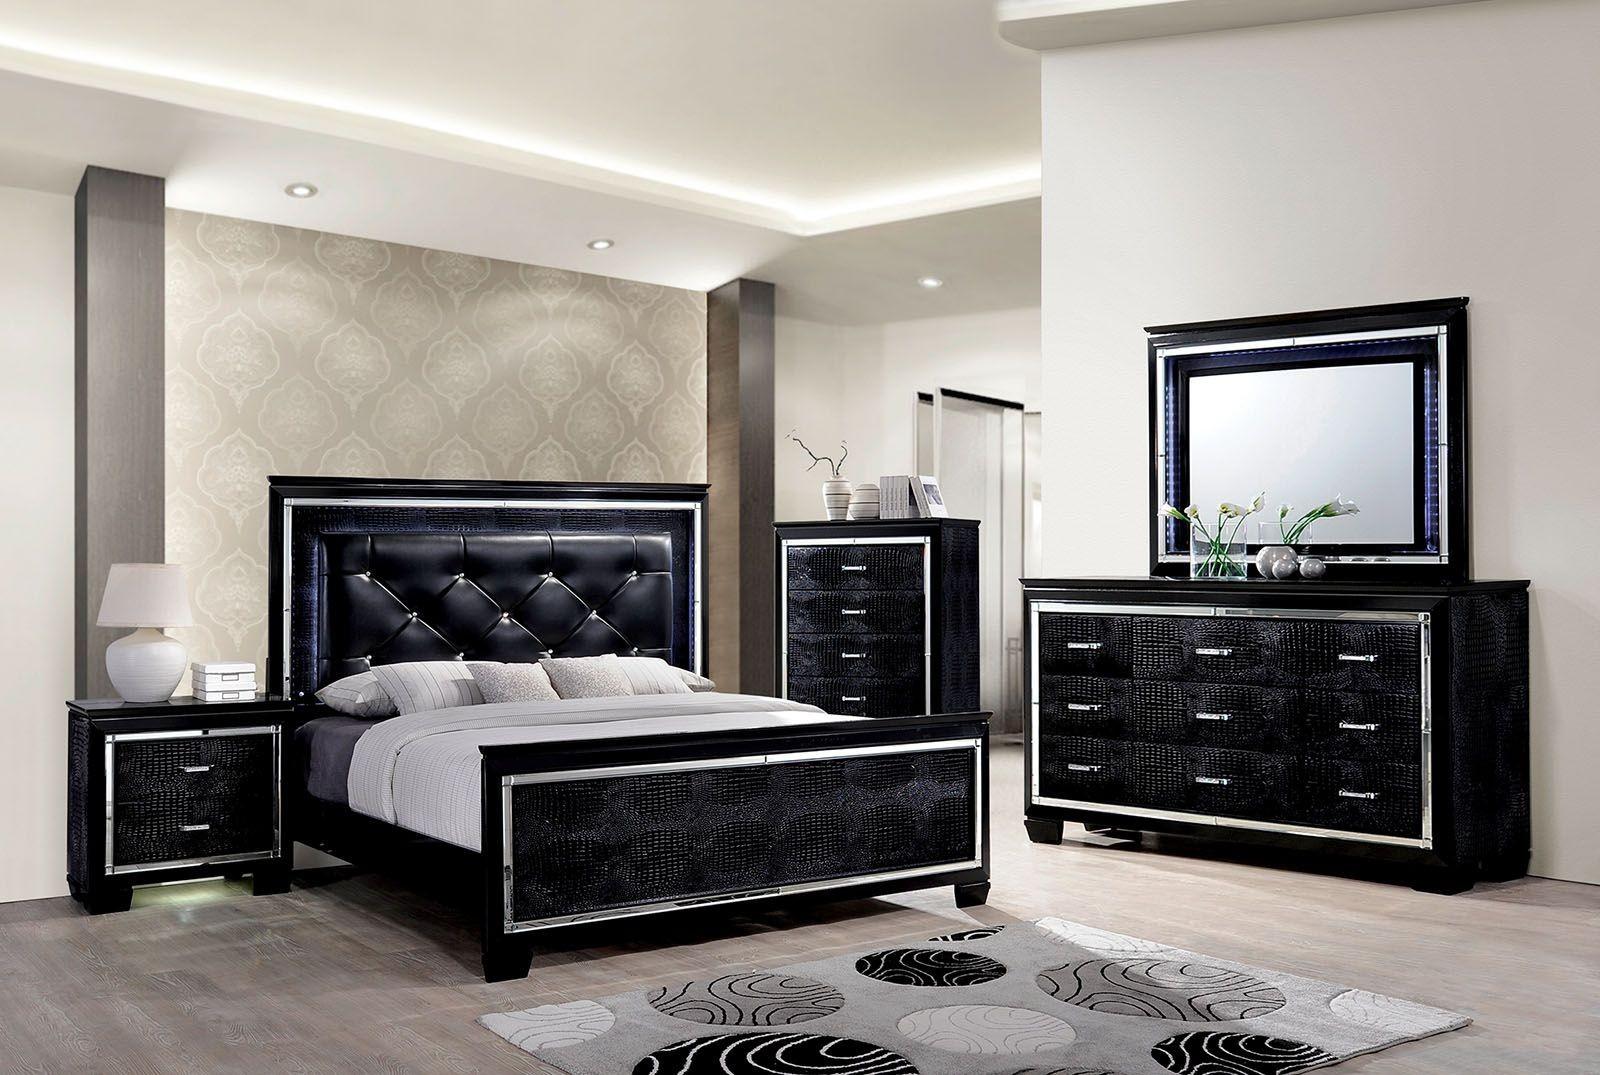 bellanova black upholstered panel bedroom set cm7979bk q furniture of america. Black Bedroom Furniture Sets. Home Design Ideas